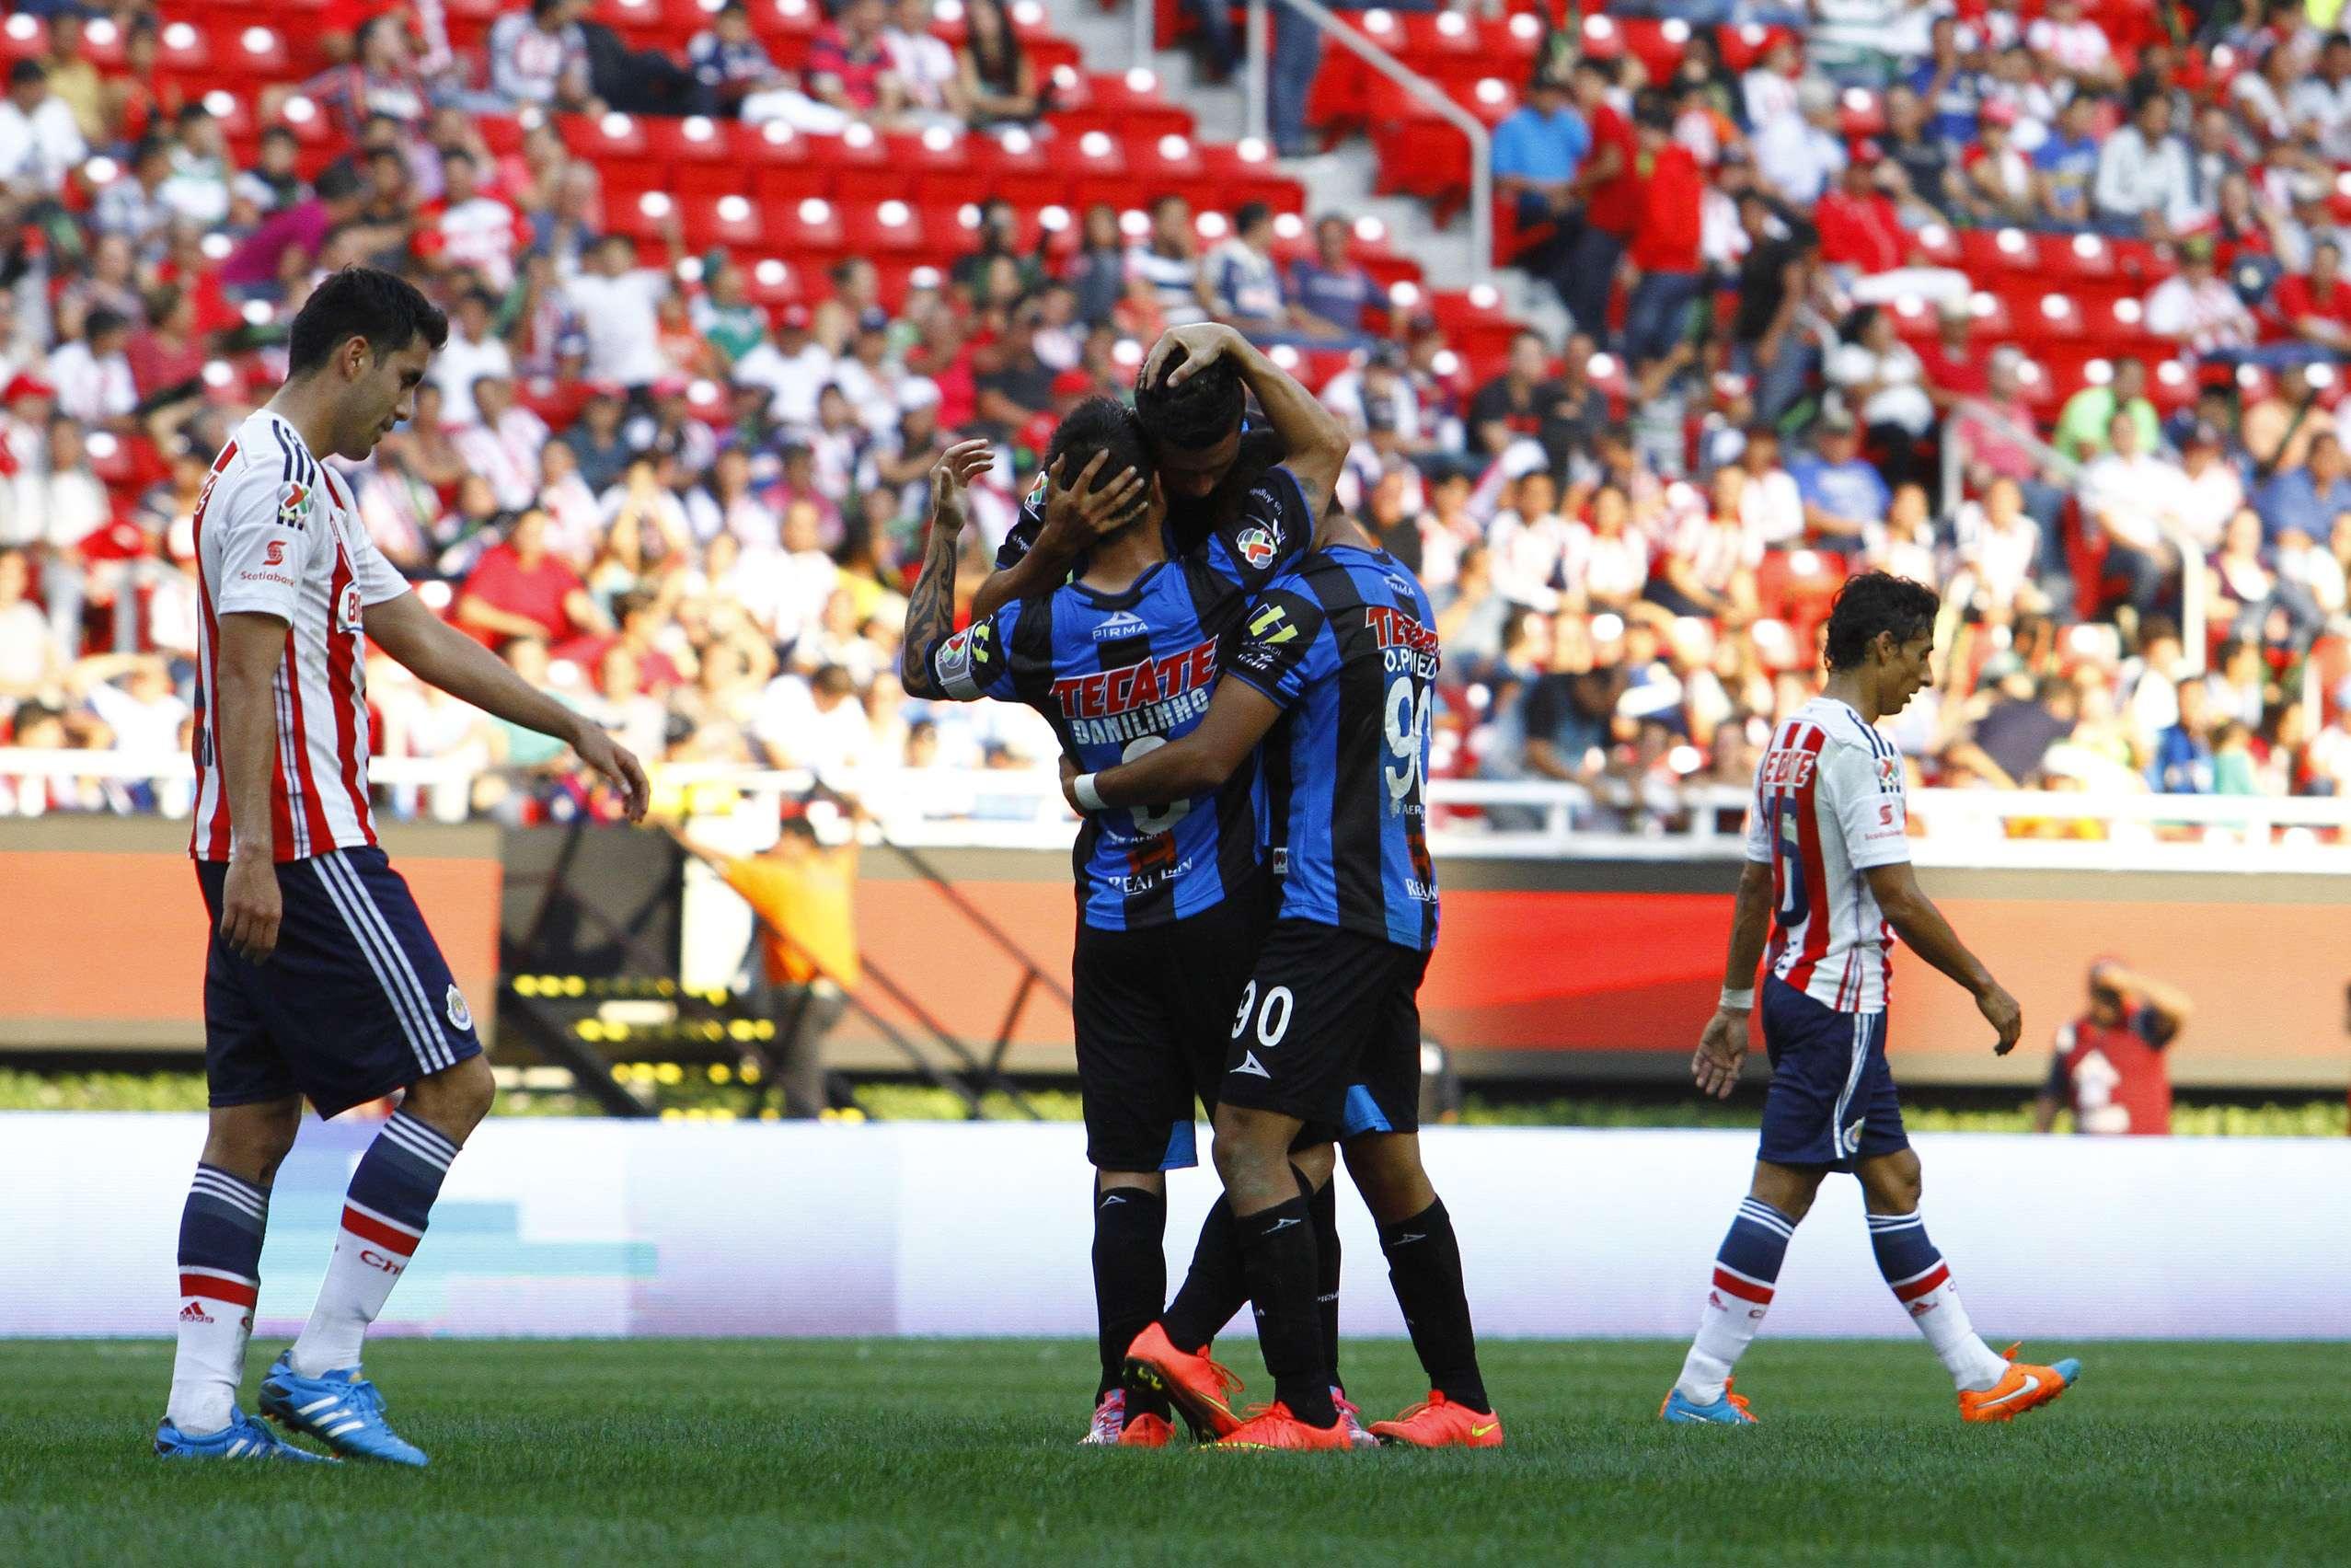 A Chivas le pesó la expulsión de Carlos Salcido y se llevó una goleada 4-1 ante Querétaro en el estadio Omnilife, en la presentación de Ronaldinho en un partido de liga en el futbol mexicano. Foto: Imago7